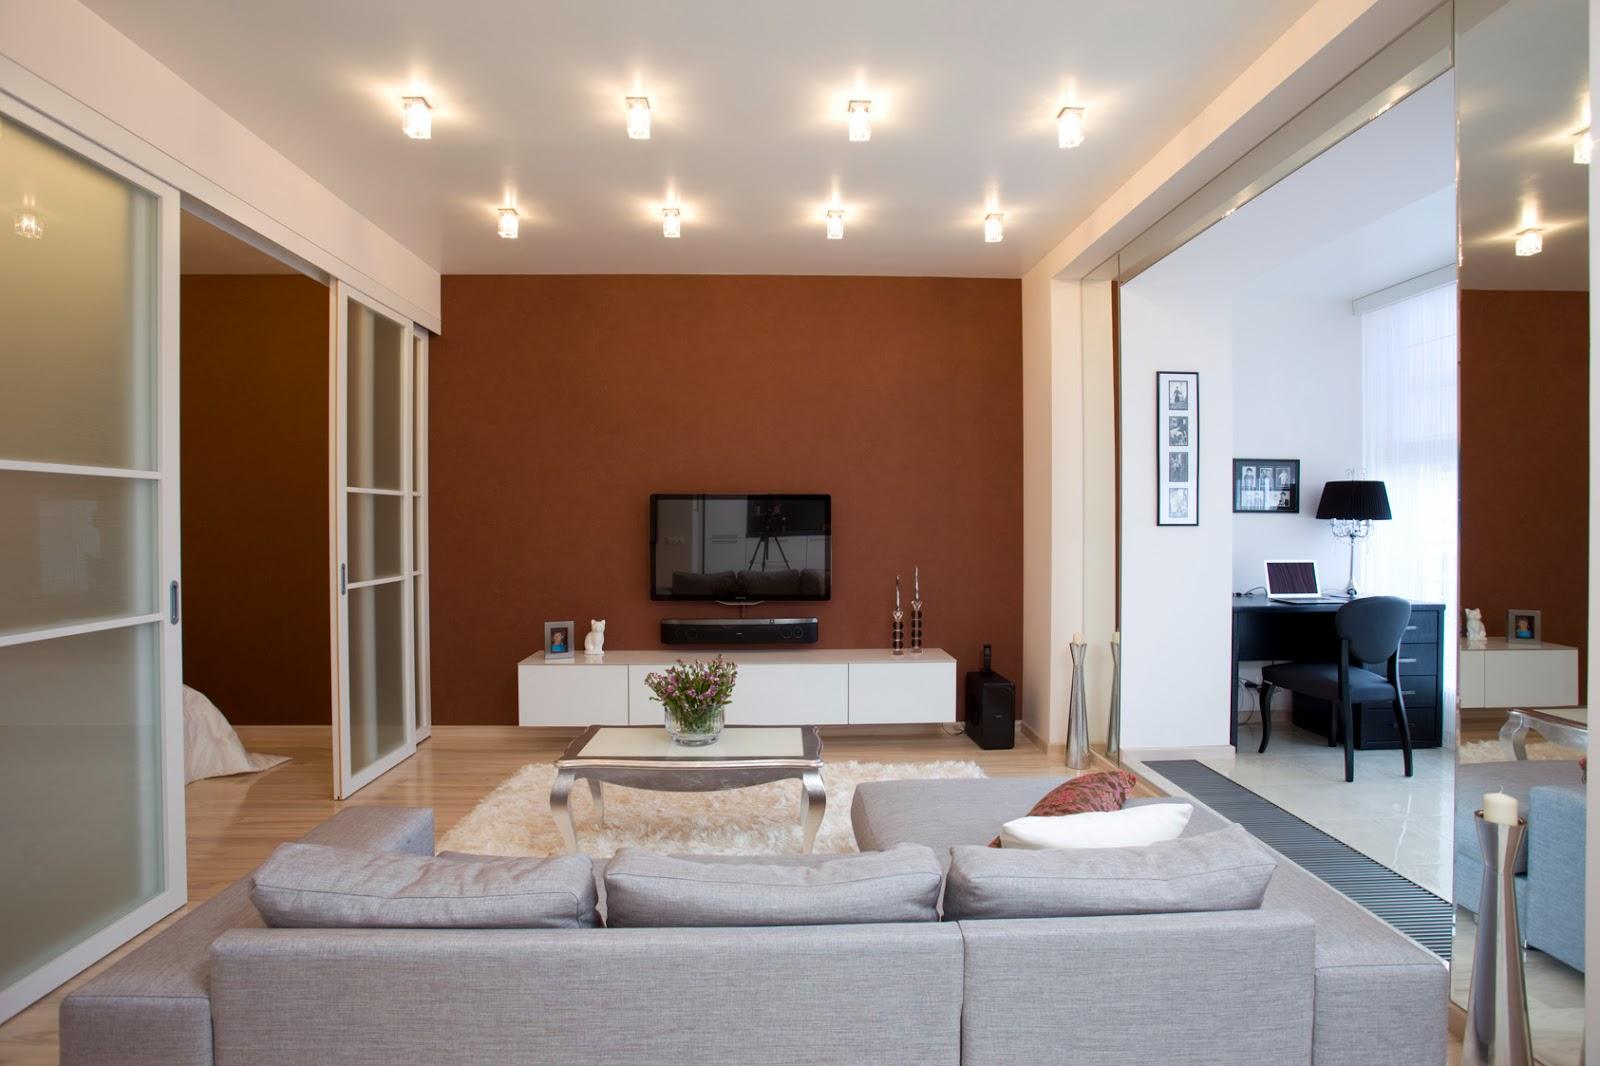 Ремонт квартир, домов в Красноярске, отделка коттеджей, цены